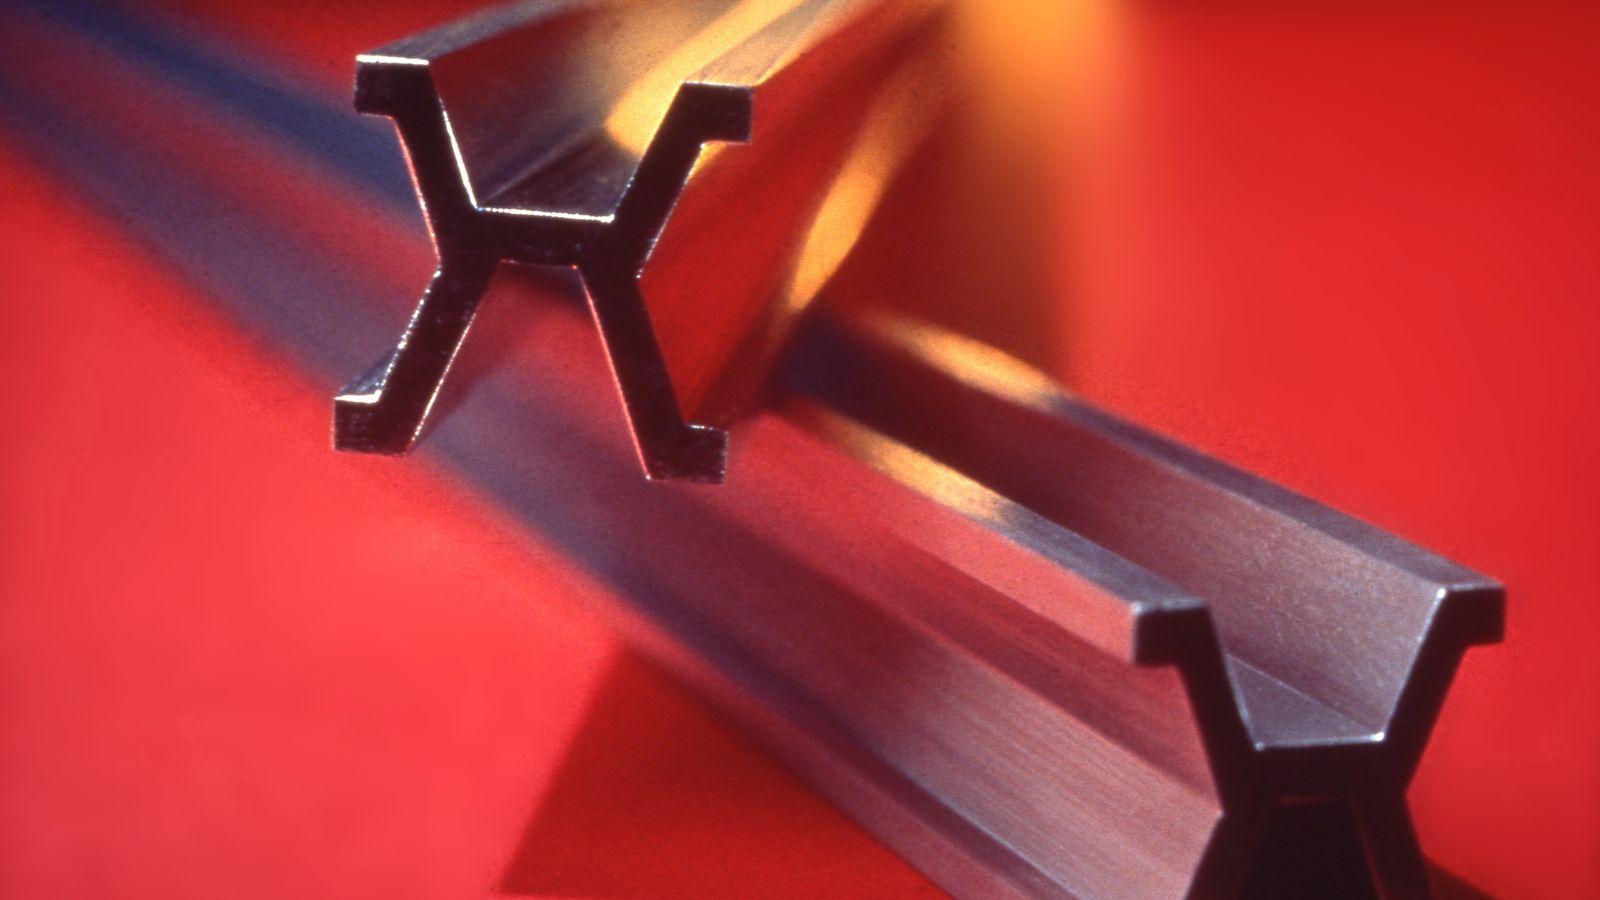 Foto: El iridio es uno de los elementos más raros de la Tierra